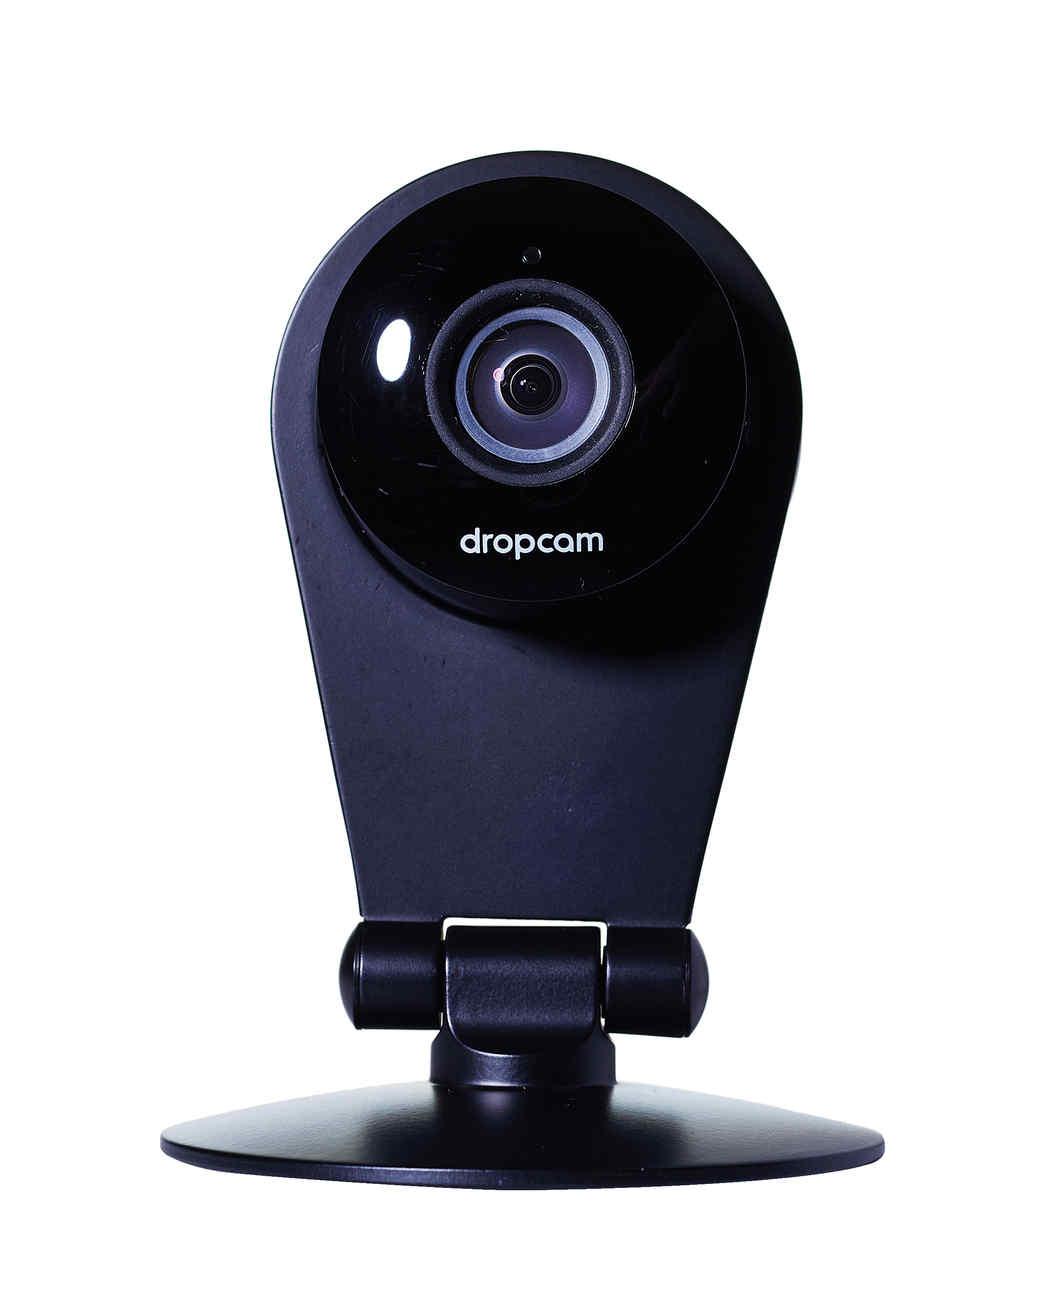 nest-drop-cam-125-d111919-1.jpg